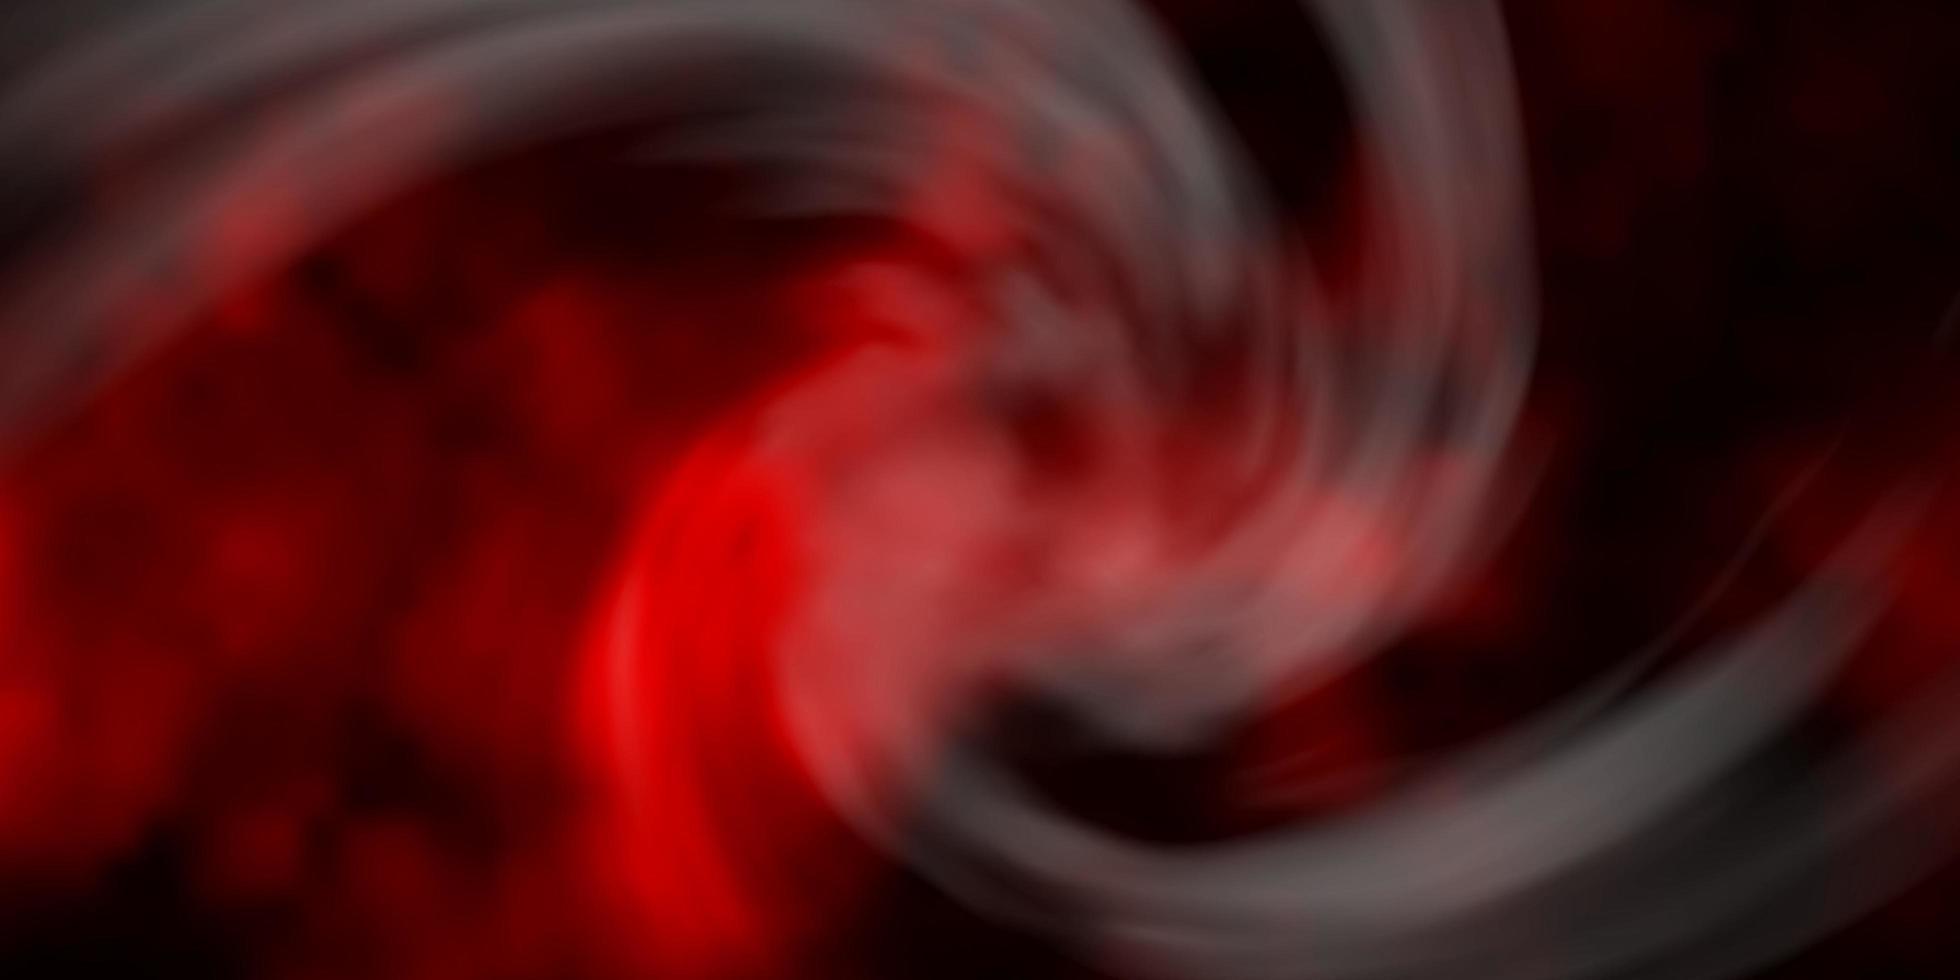 mörk röd vektormall med himmel, moln. vektor